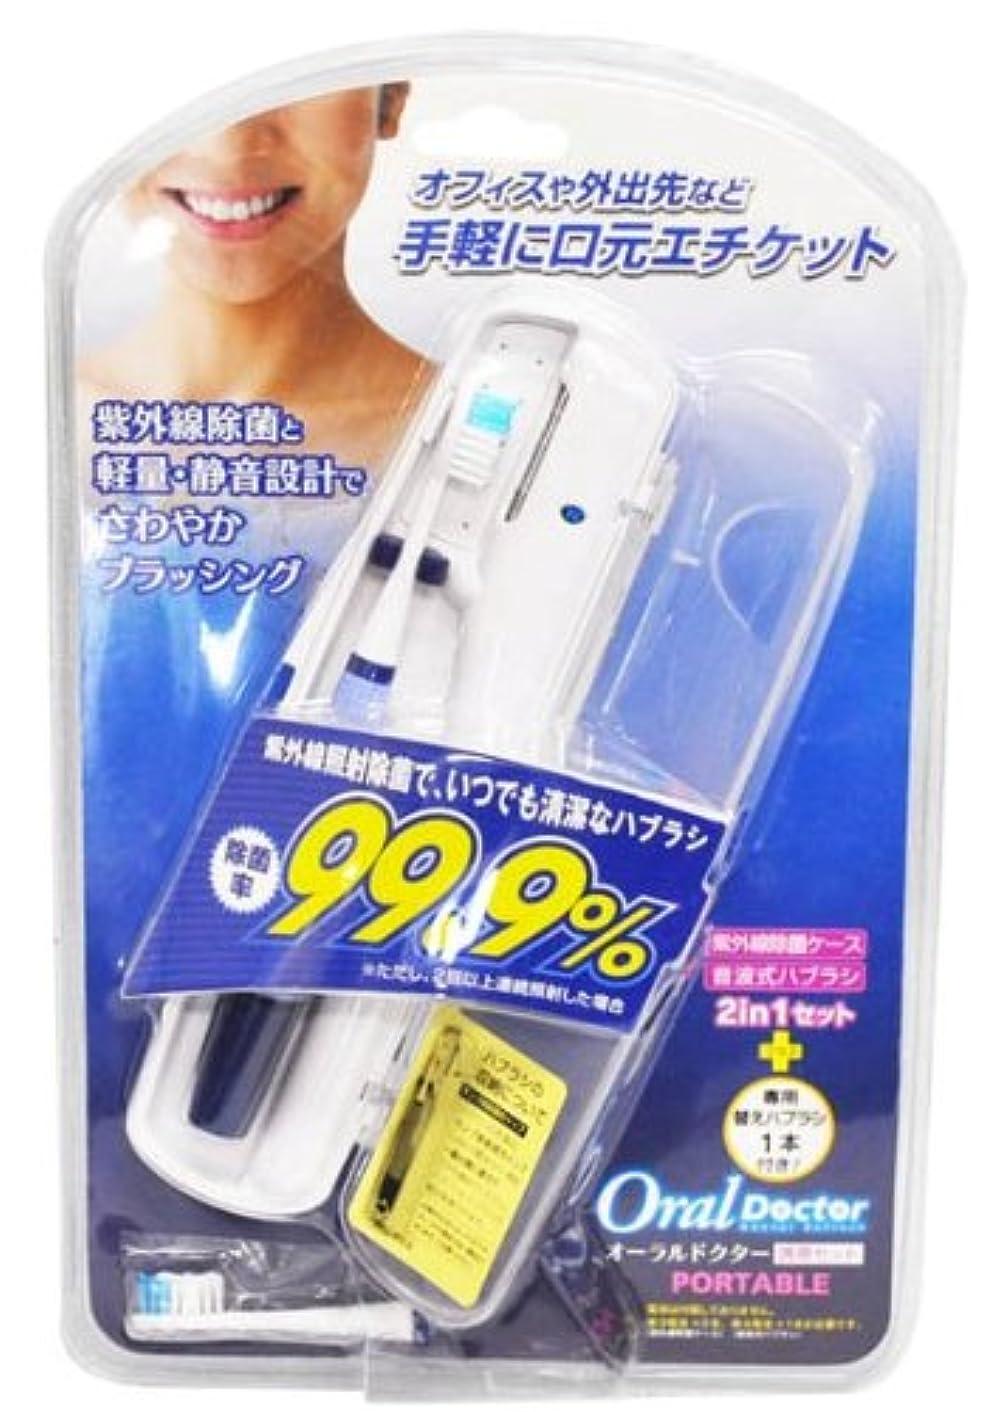 精度カンガルー声を出してエイコー(EIKO) オーラルドクター?ポータブル(ブリスター) 携帯電池式音波歯ブラシ(紫外線除菌ケース付) 3005481